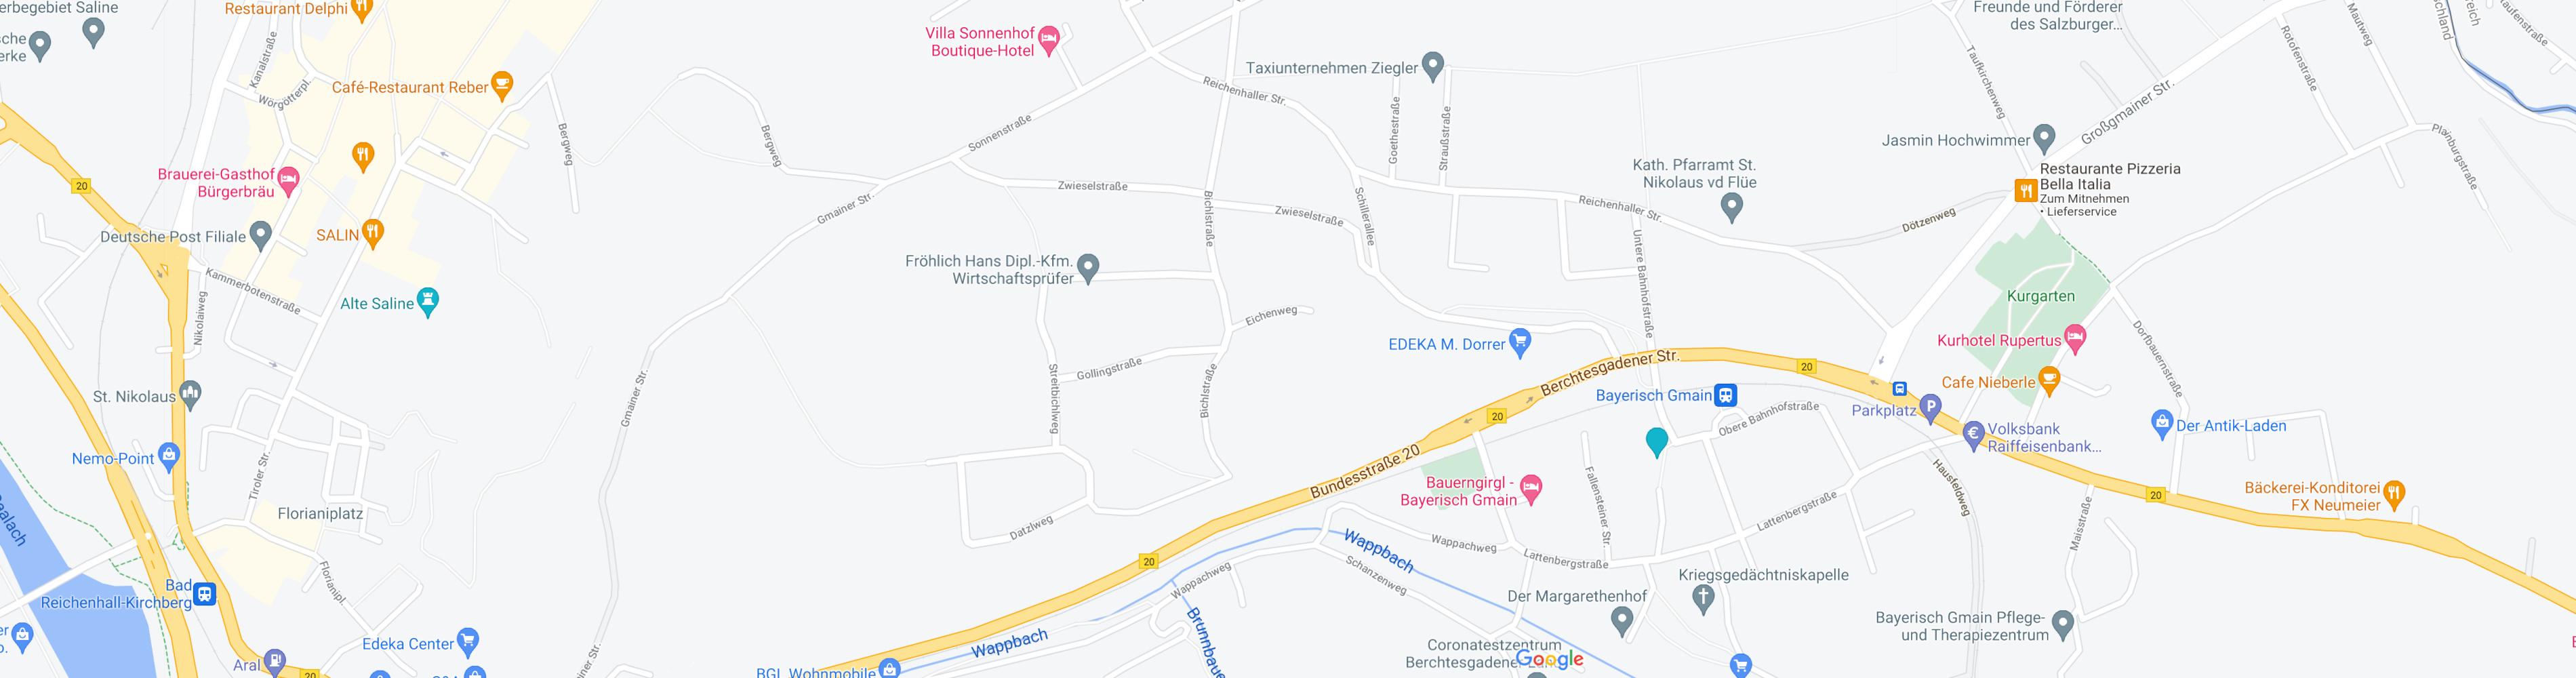 stadtplan Bayerisch Gmain Bad Reichenall Grossgmain stadtplan Bio Kosmetik Shop Natur gesund Produkte Bayern